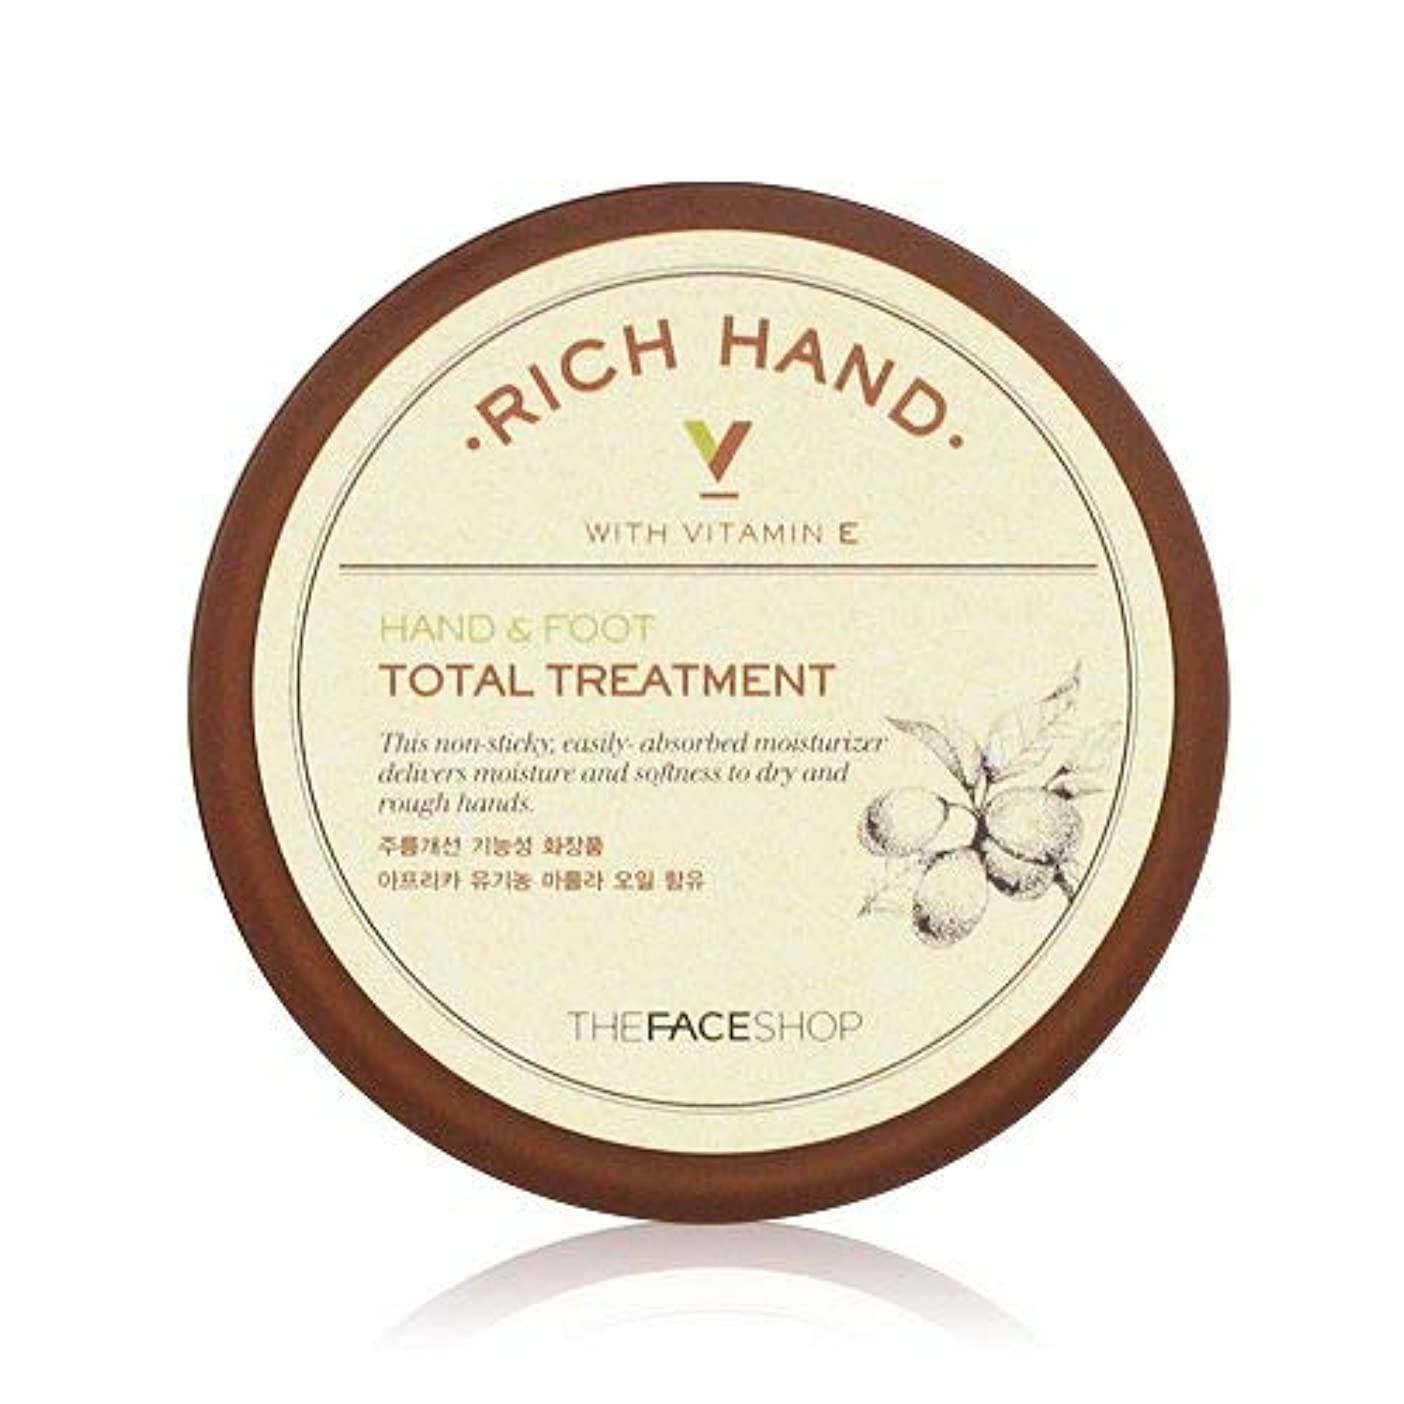 大洪水希少性日没THE FACE SHOP Rich Hand V Hand and Foot Total Treatment ザフェイスショップ リッチハンド V ハンド? フット トータルトリートメント [並行輸入品]